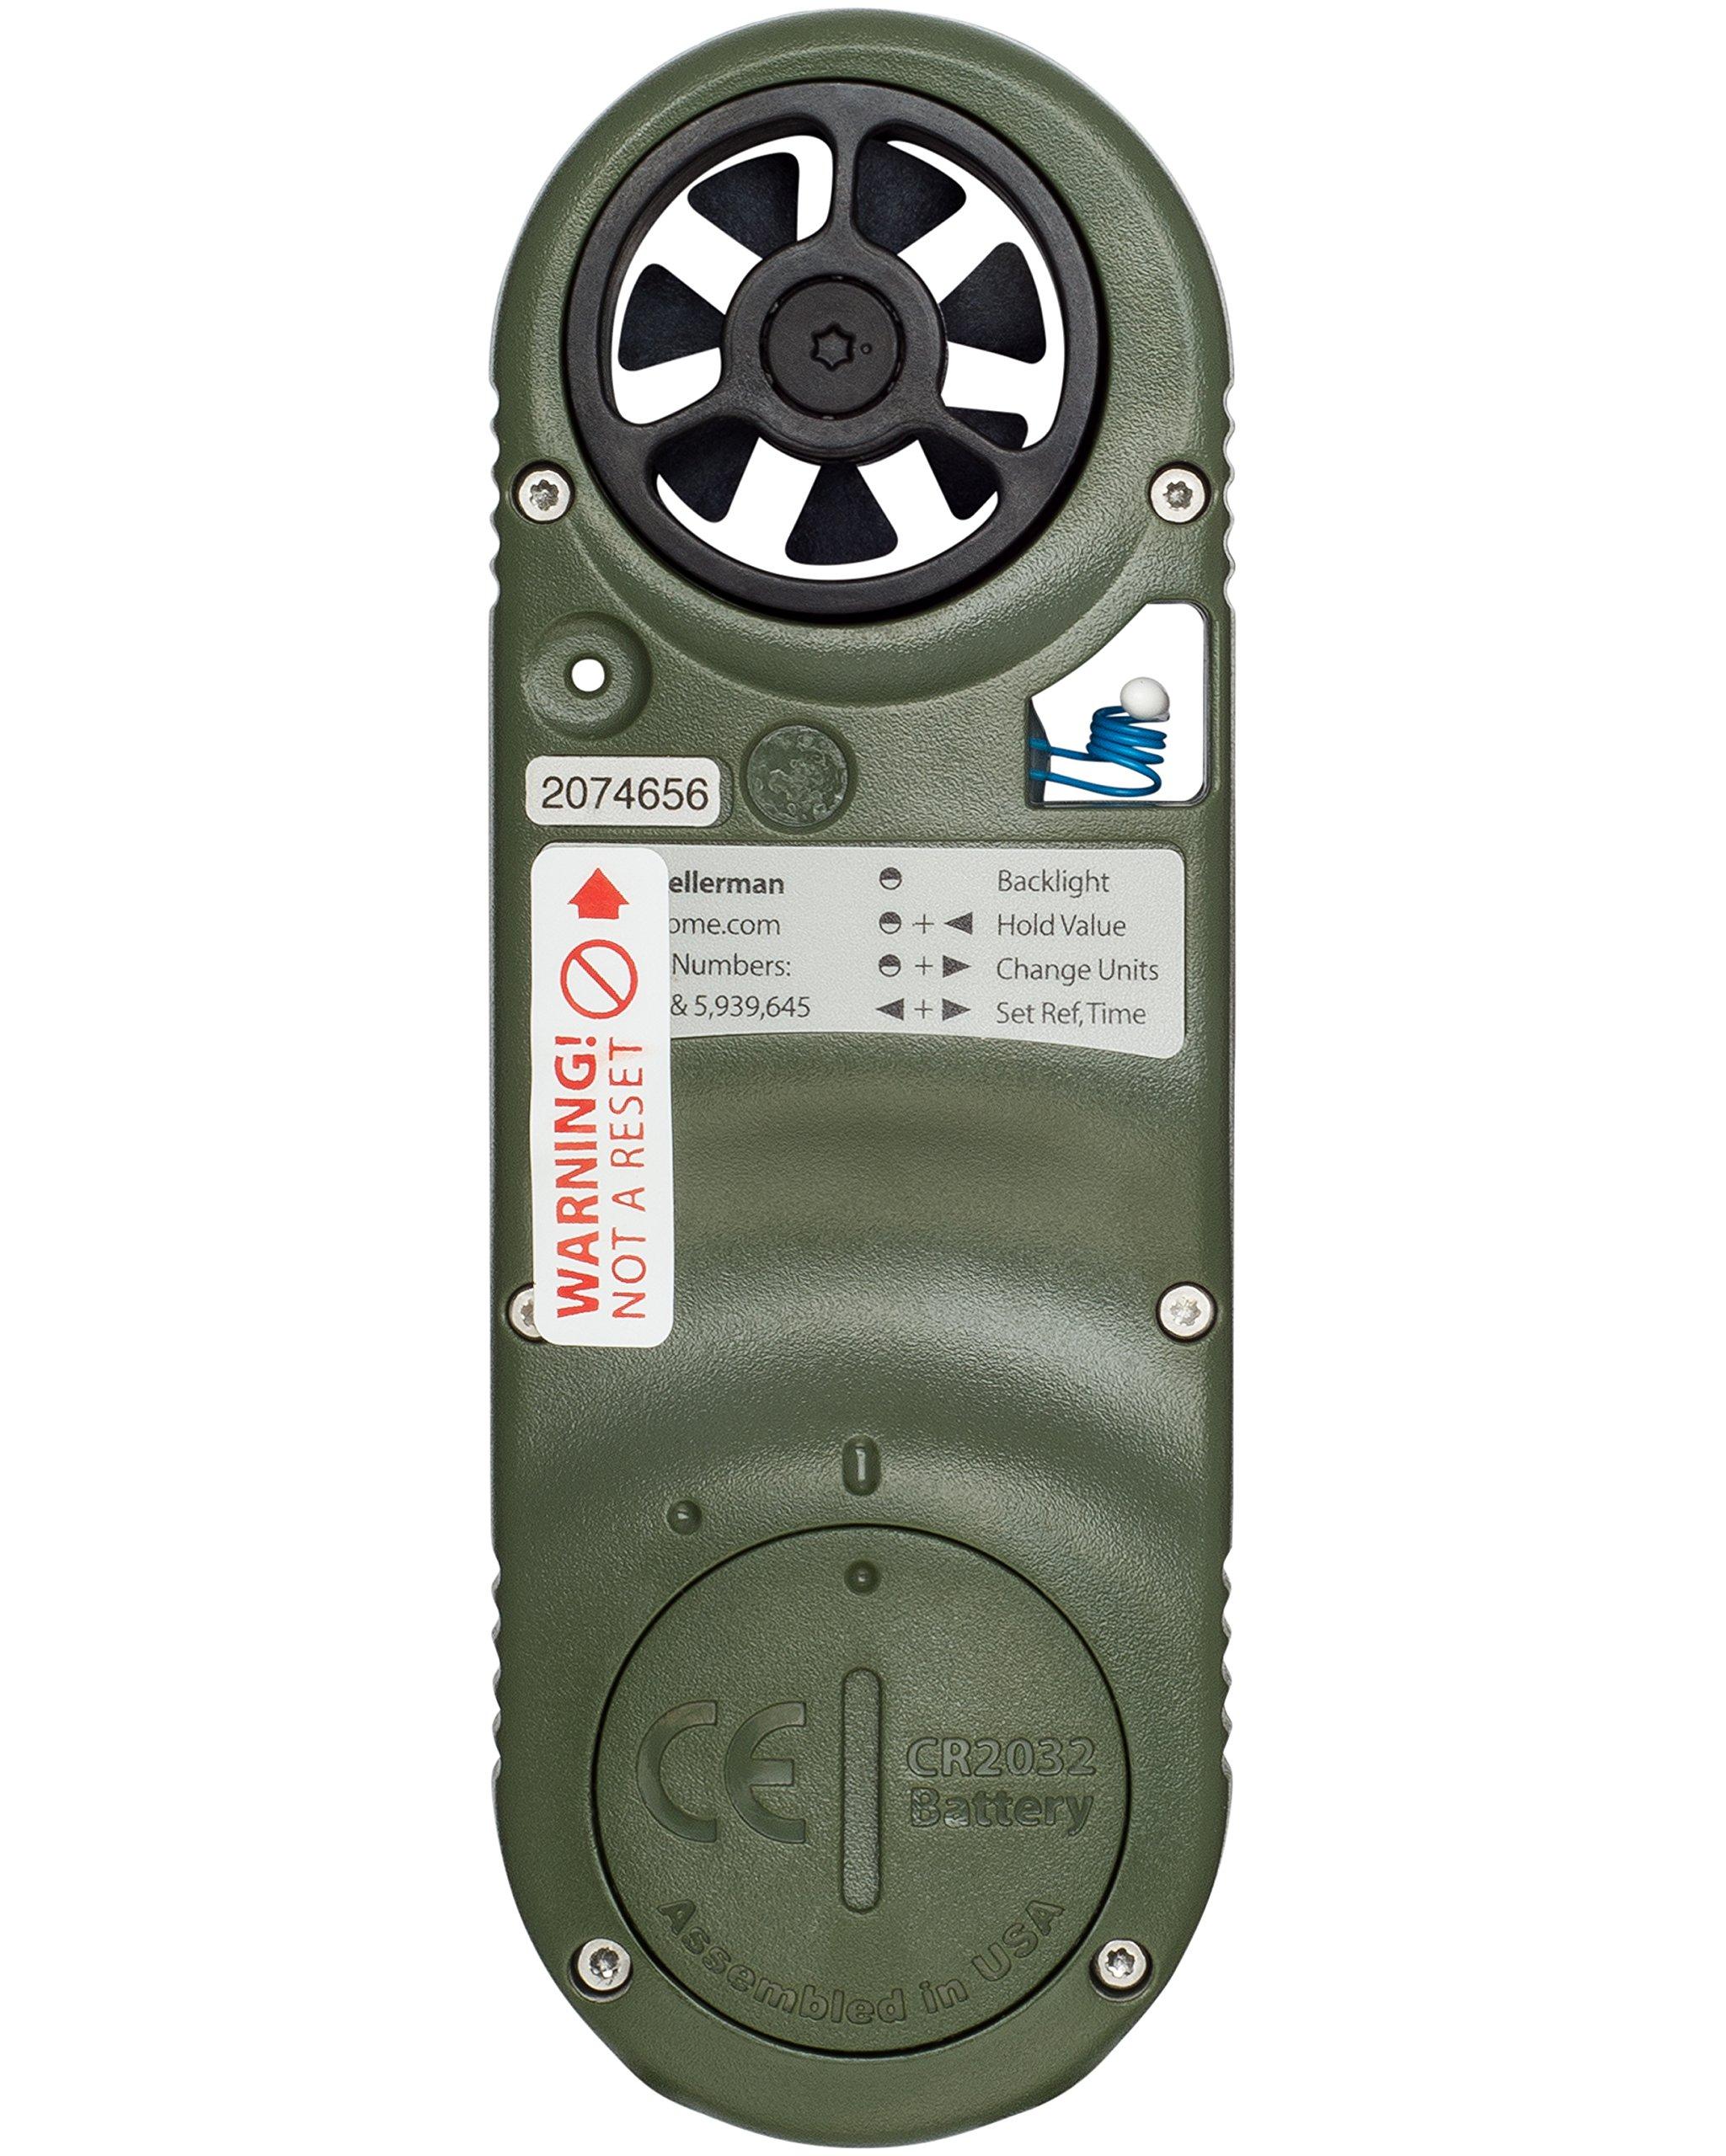 Kestrel 2500NV Pocket Weather Meter by Kestrel (Image #3)